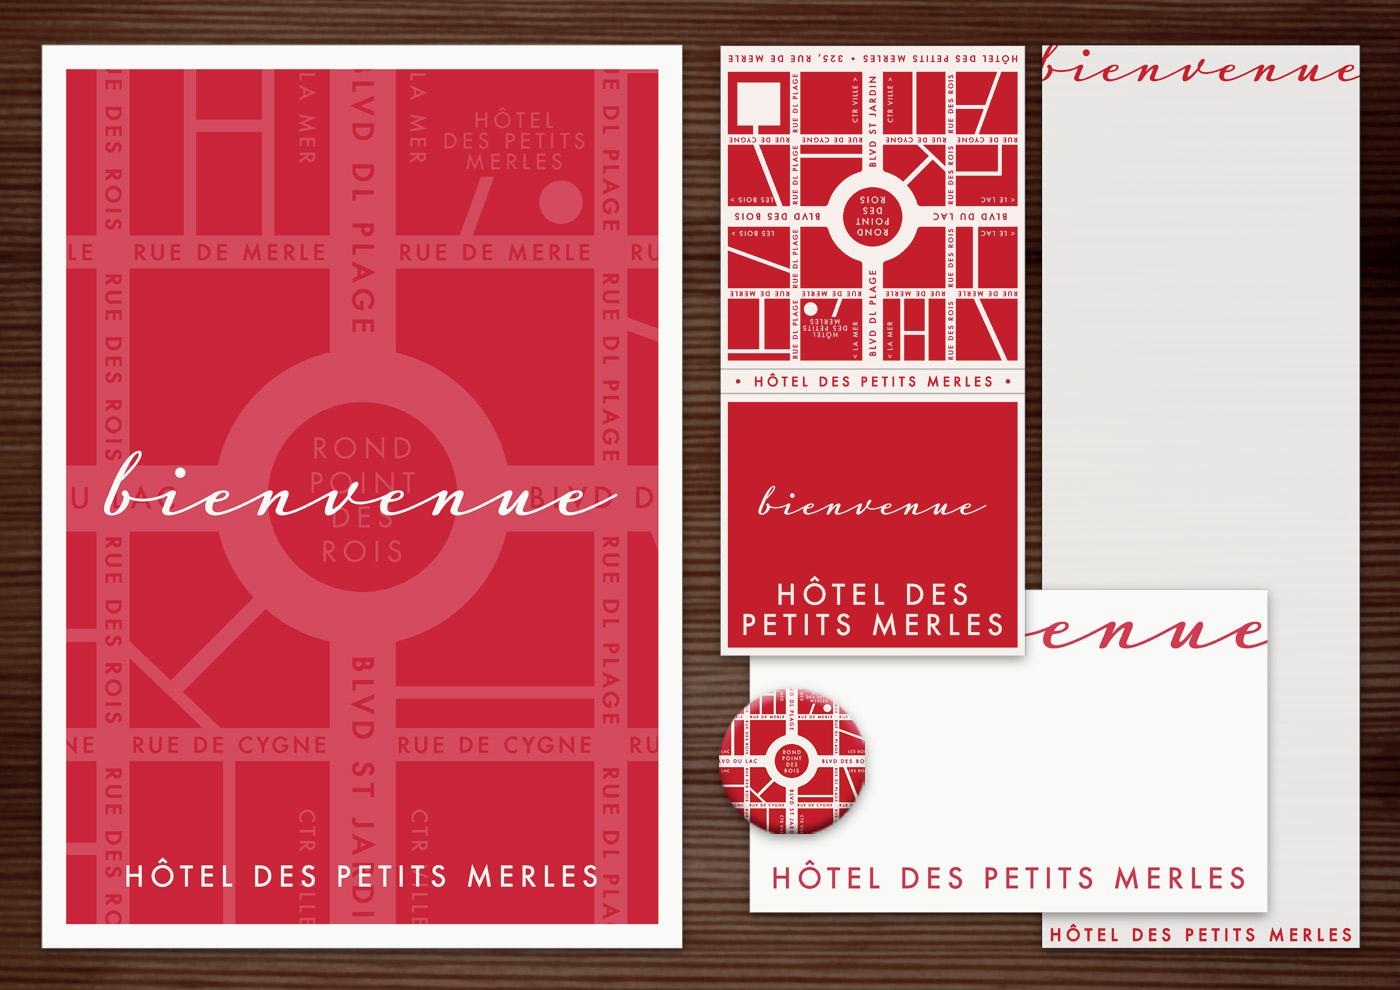 Corporate Identity, Logo und Grafik Design für Werbung, Schilder, Poster, Postkarten, Flyer, Notizblock, Visitenkarten, Streichholzbriefchen und Buttons mit Stadtplan für Lily Lux Petit Merles Hotel